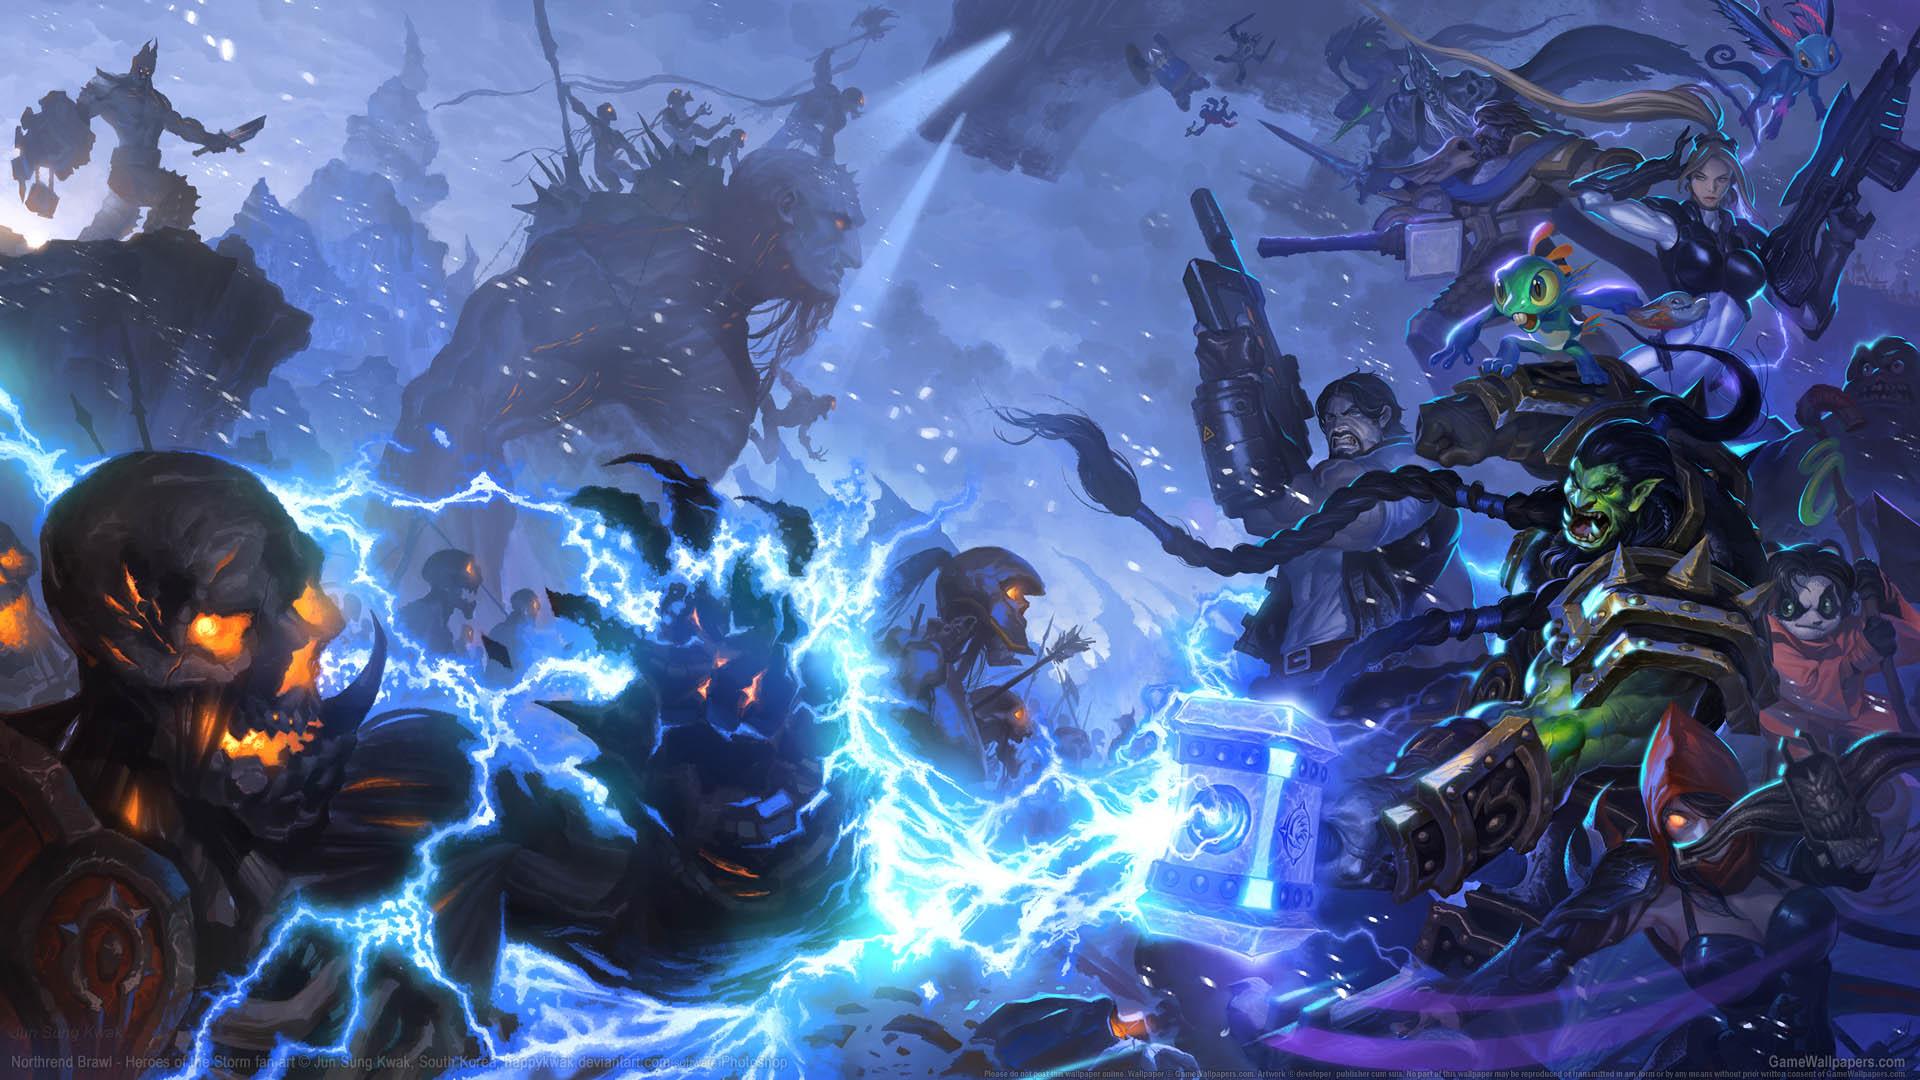 Heroes Of The Storm Fan Art Wallpaper 08 1920x1080